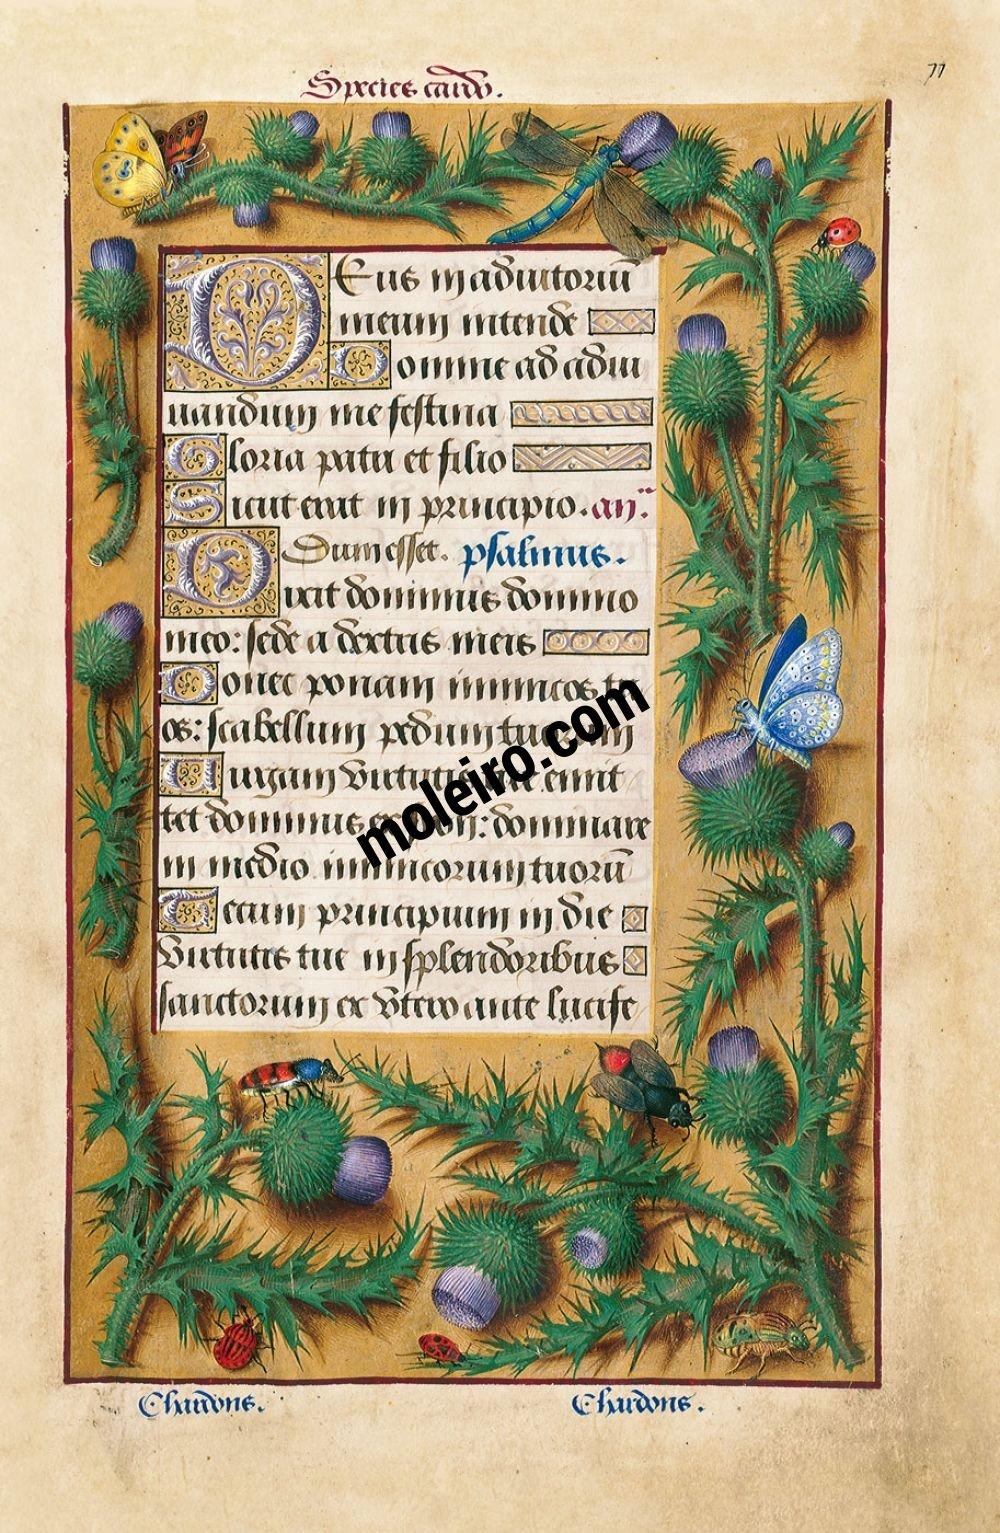 Las Grandes Horas de Ana de Bretaña f. 77r, Cardo